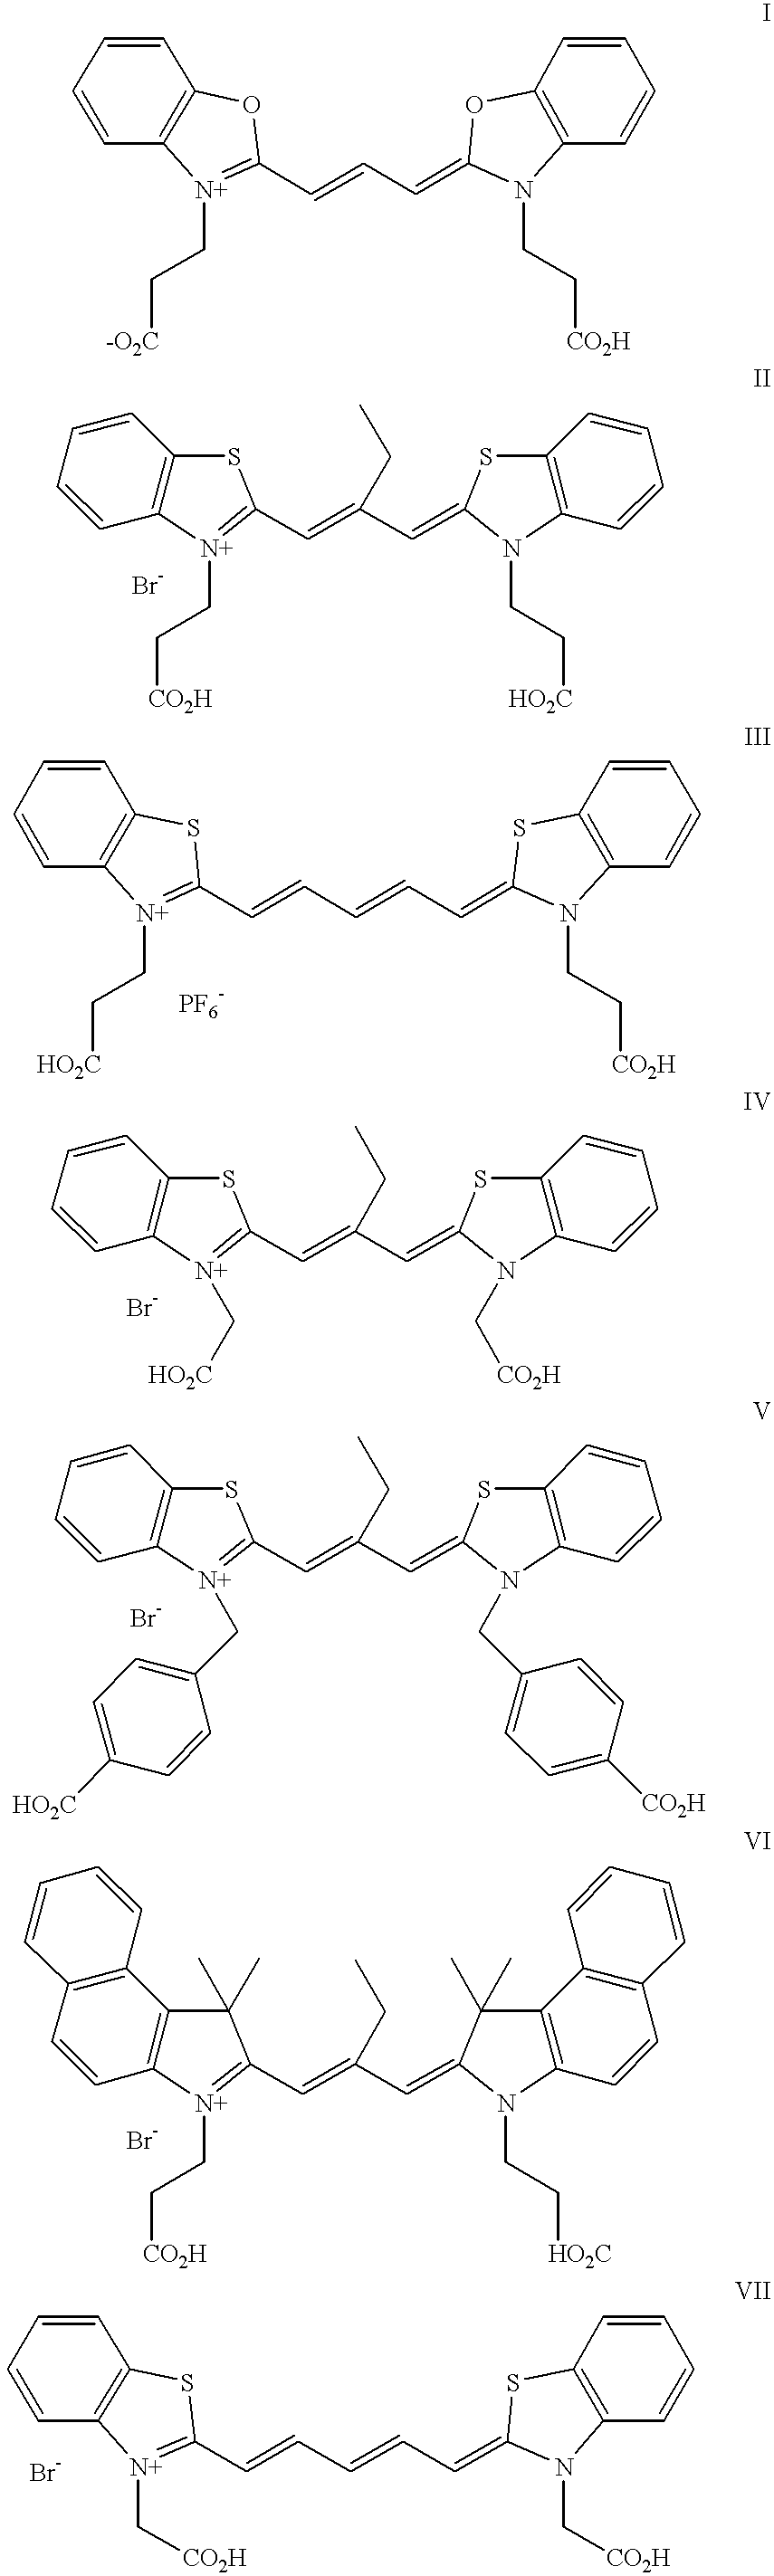 Figure US06359211-20020319-C00001